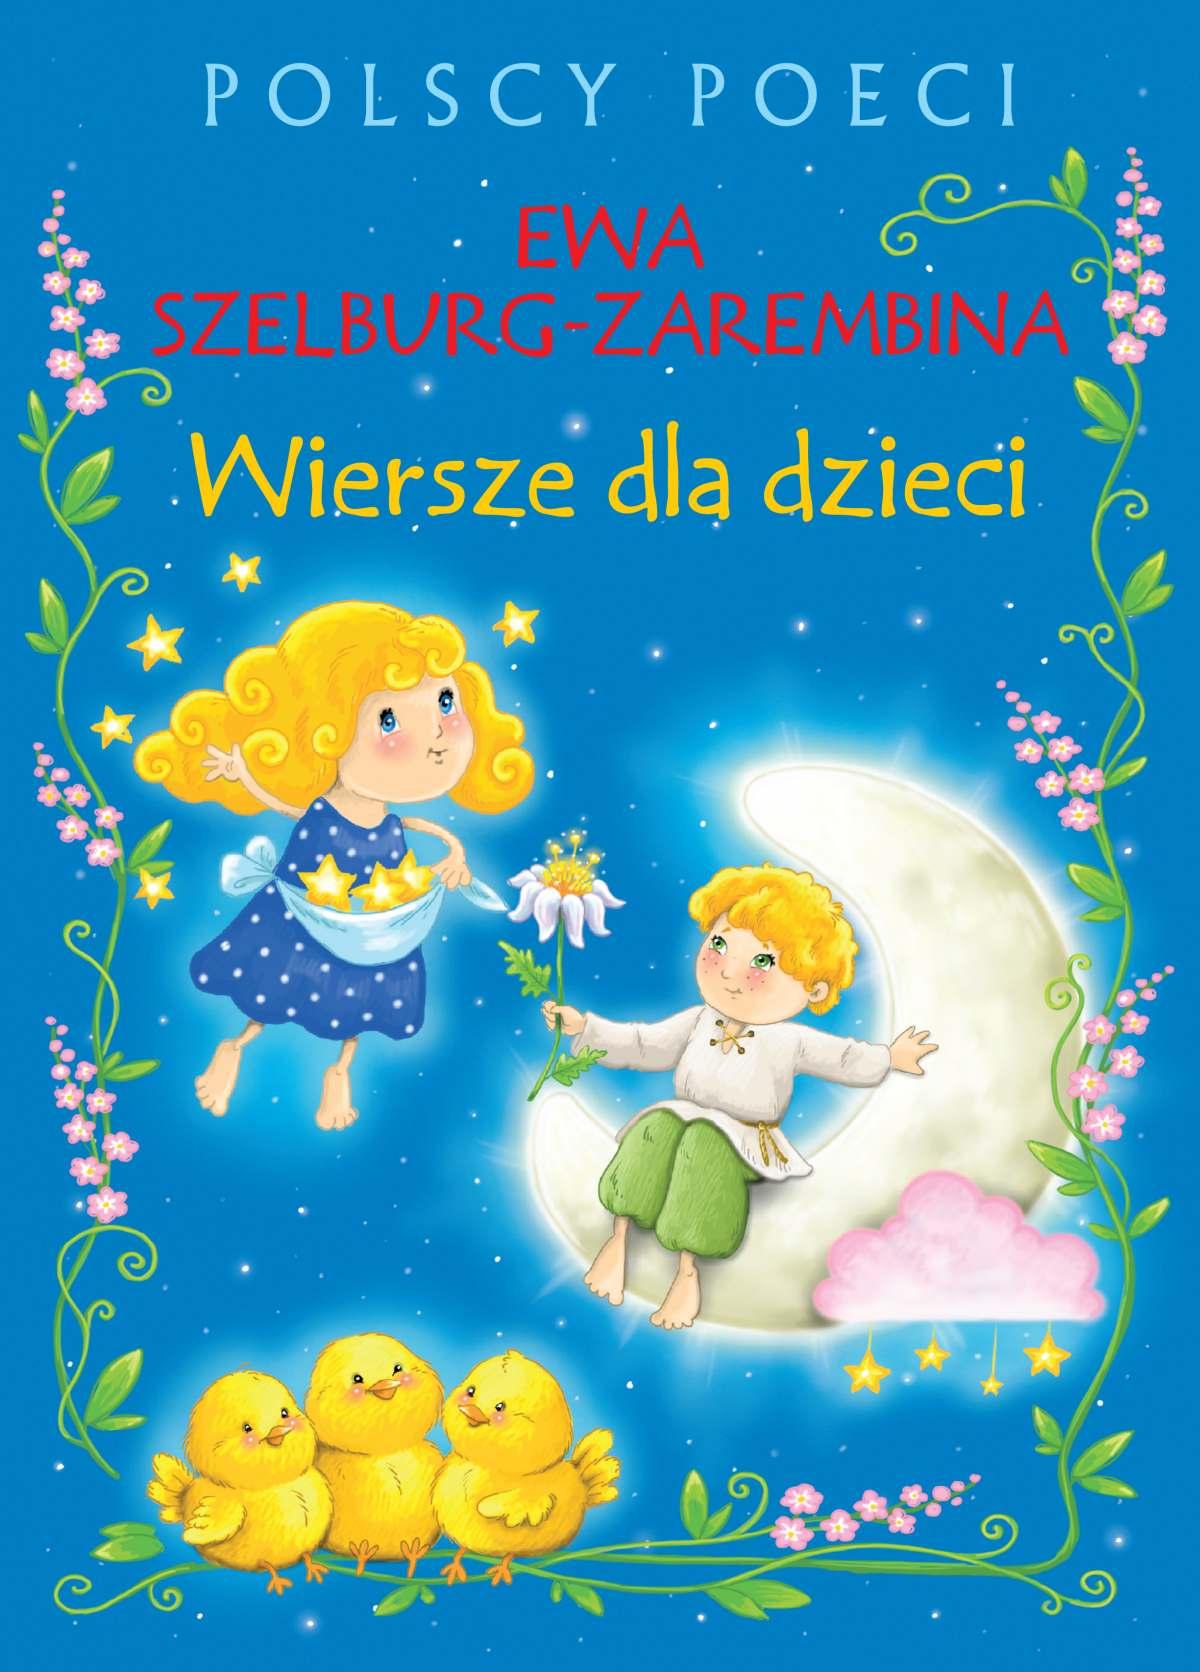 Polscy poeci. Wiersze dla dzieci. Ewa Szelburg-Zarembina - Ebook (Książka PDF) do pobrania w formacie PDF